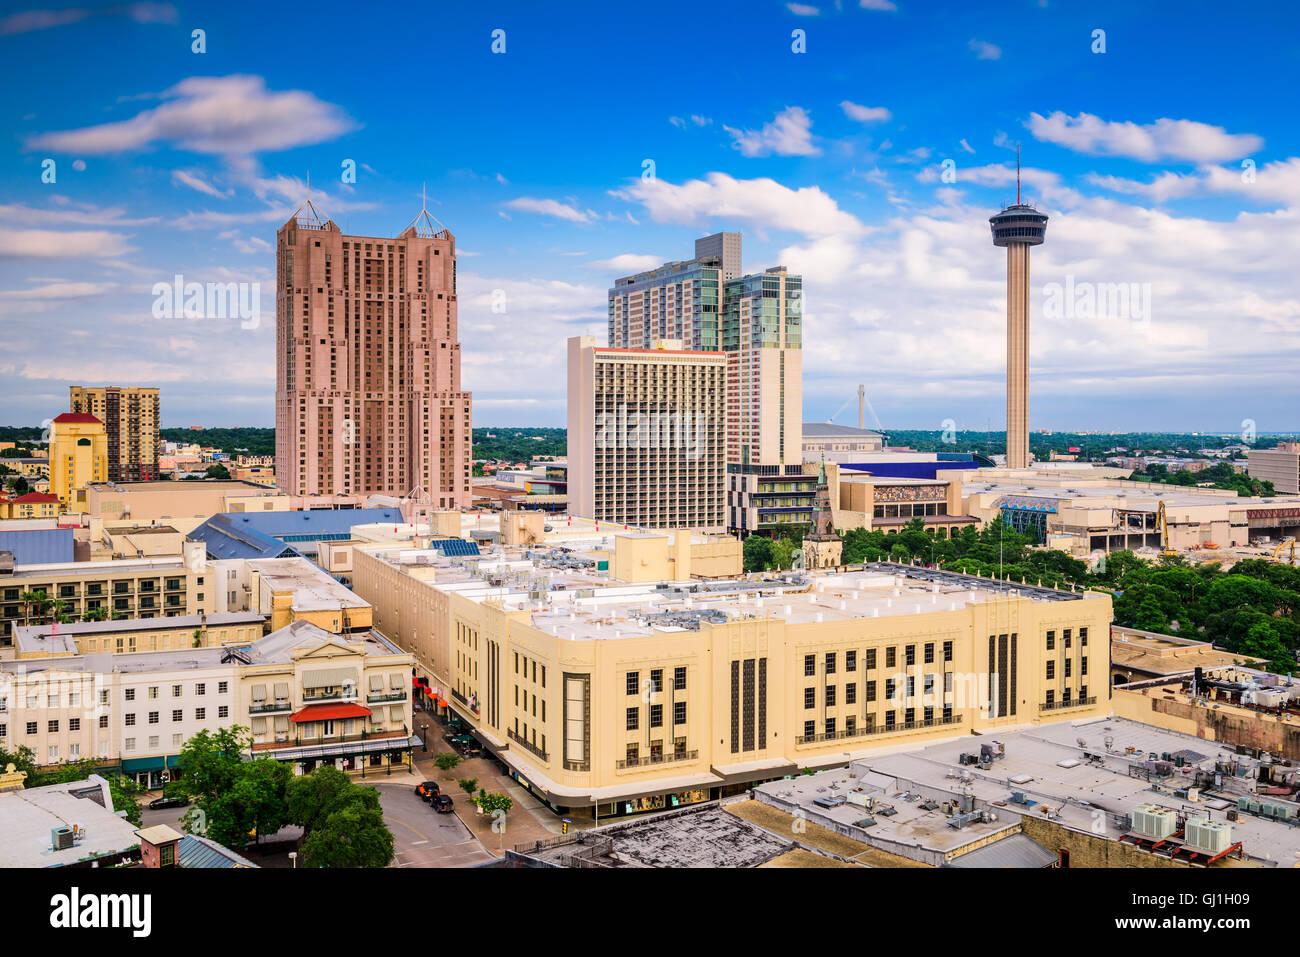 San Antonio, Texas, USA downtown skyline. - Stock Image